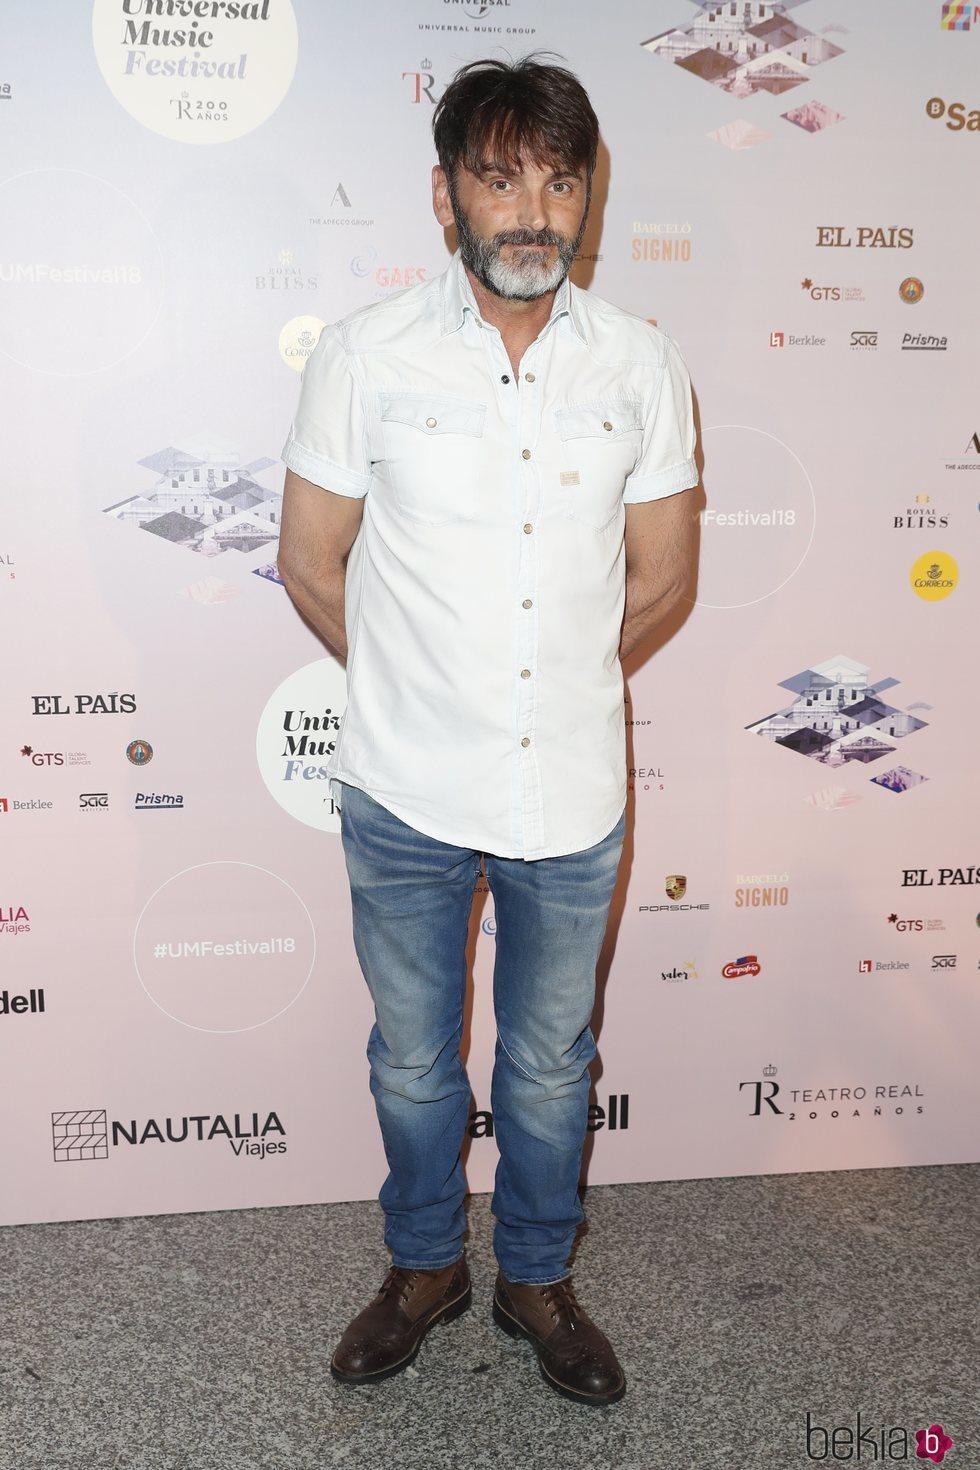 Fernando Tejero en el concierto de Niña Pastori durante el Universal Music Festival 2018